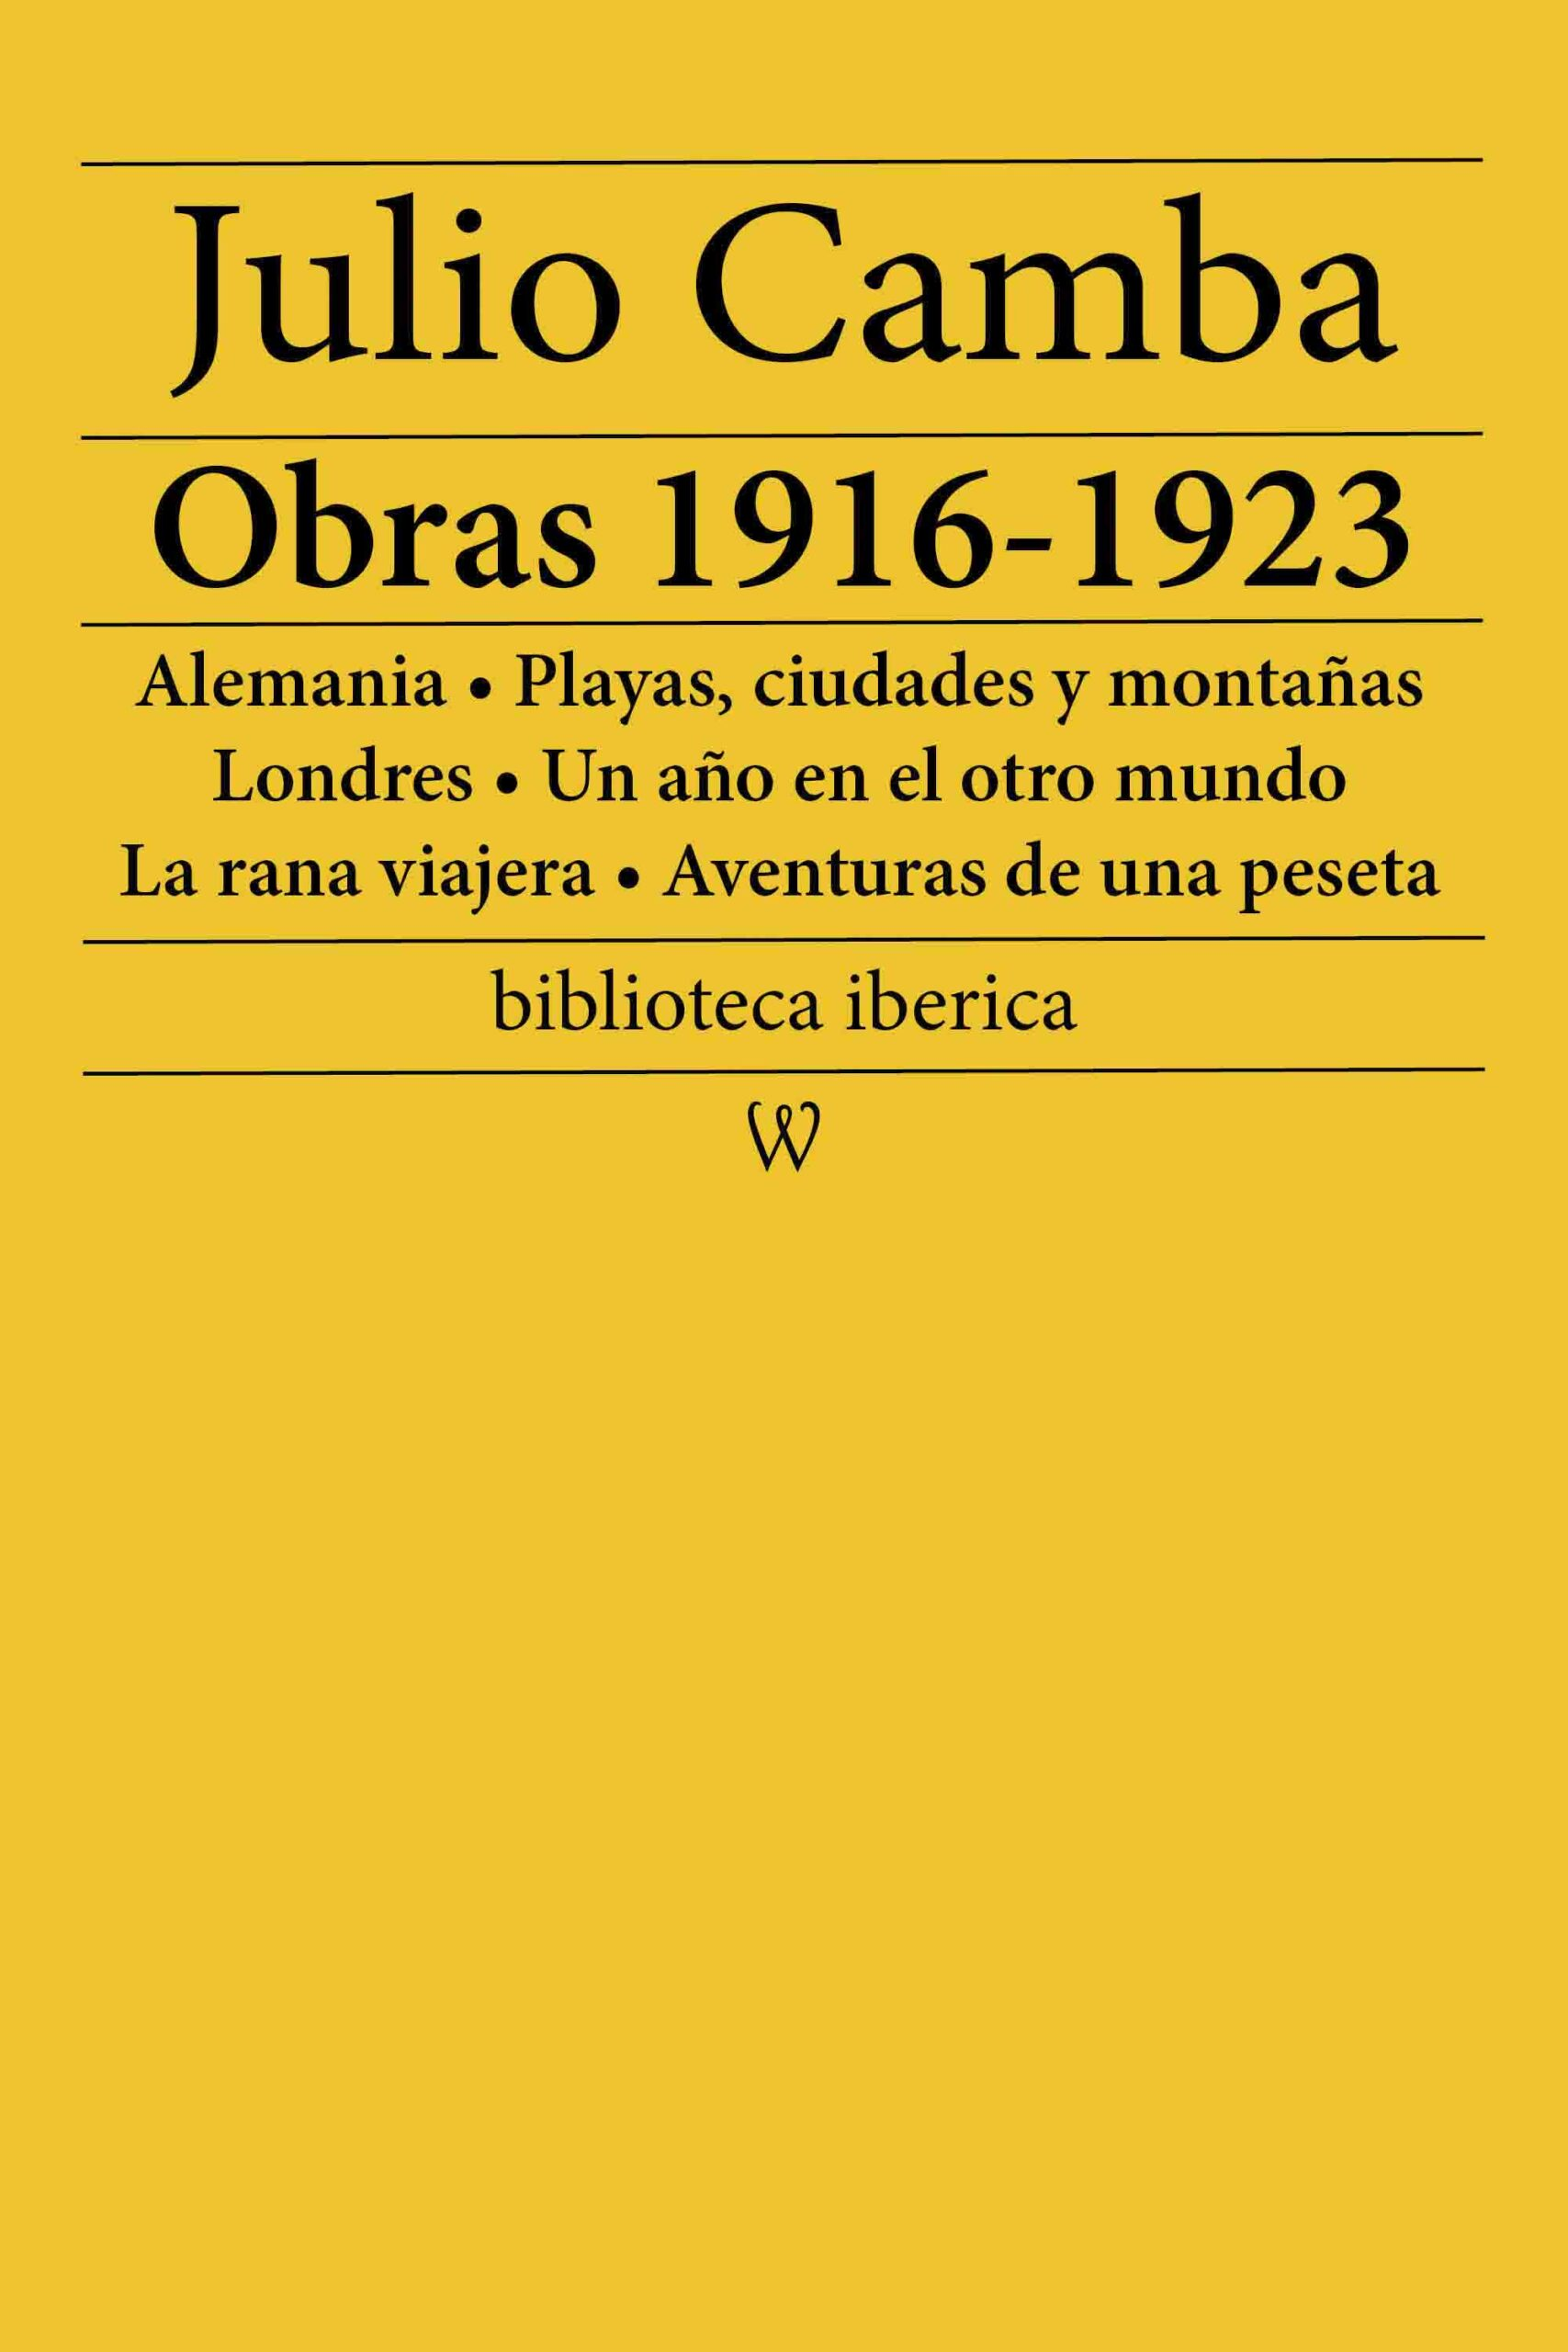 Julio Camba: Obras 1916-1923